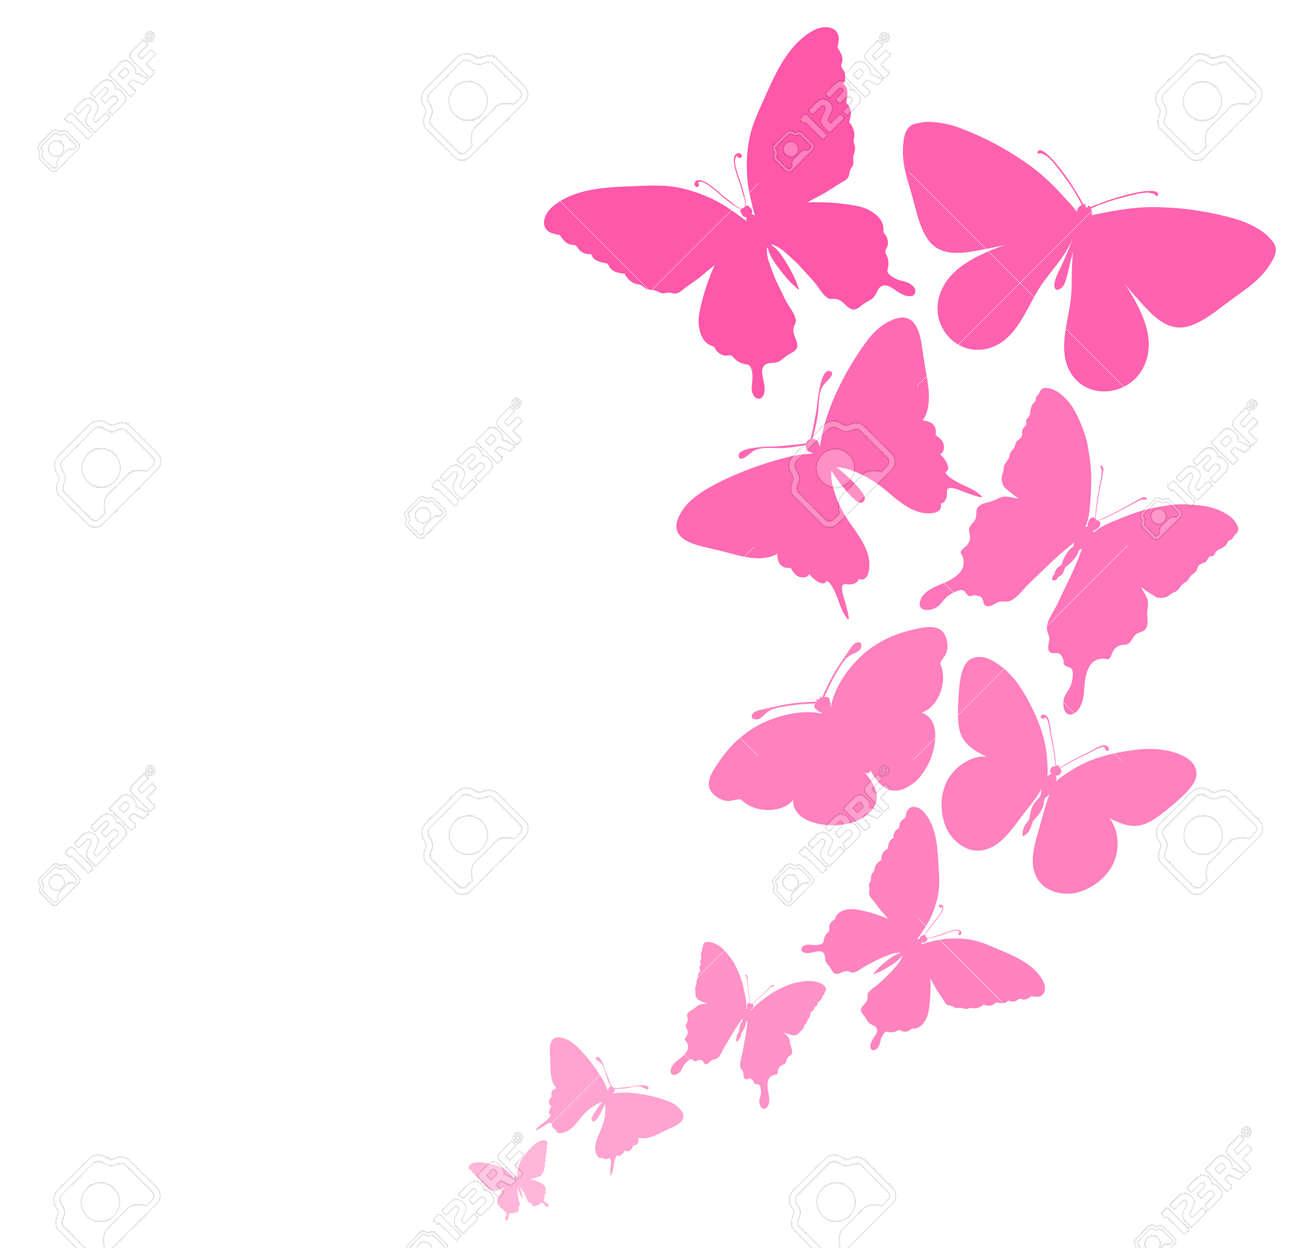 Fondo Con Una Frontera De Mariposas Volando Perfecto Para Las Tarjetas De Felicitación E Invitaciones De Fondo Para El Día De La Boda De Cumpleaños